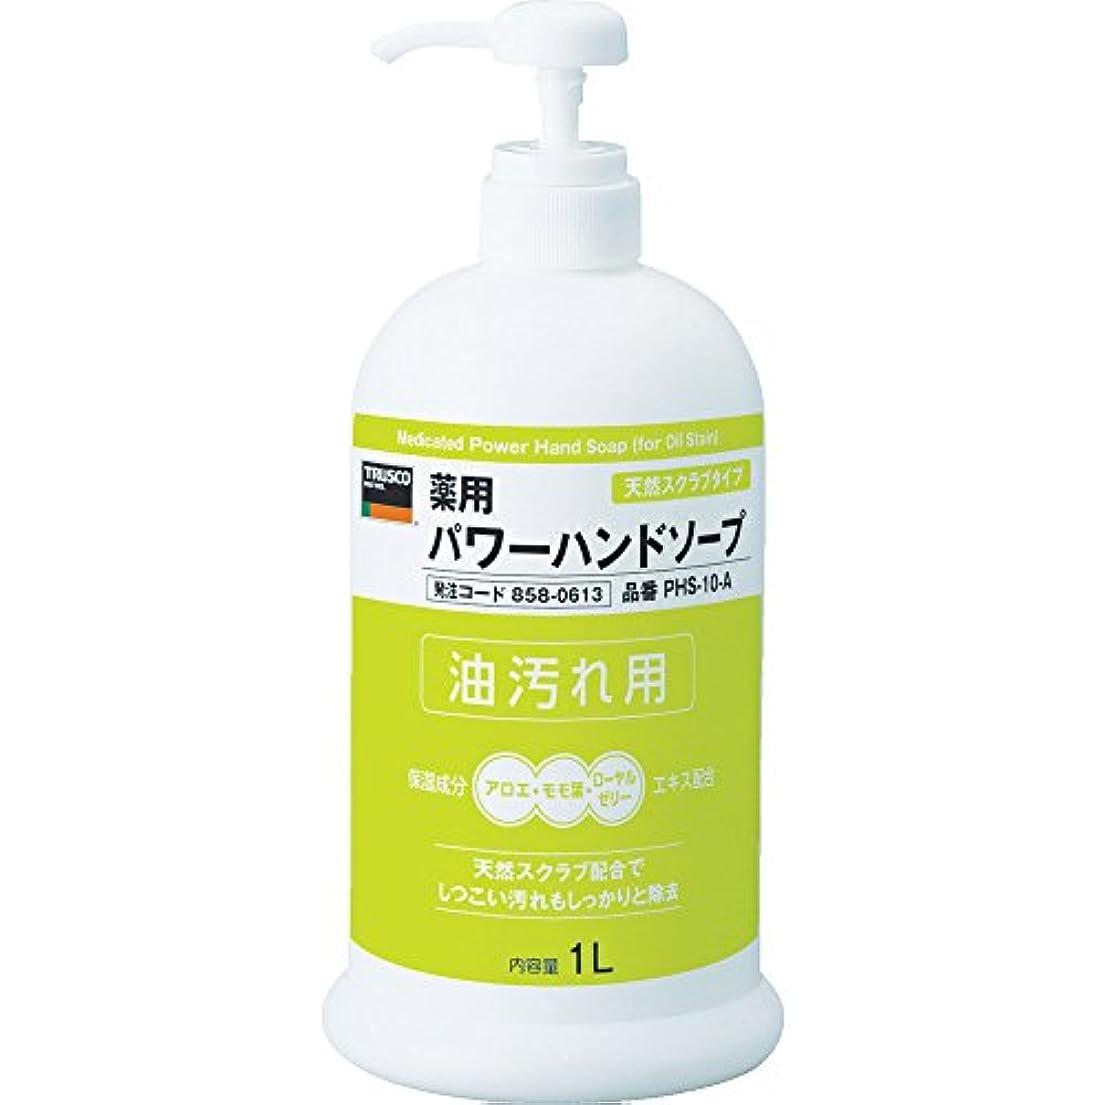 小売少し哀れなTRUSCO(トラスコ) 薬用パワーハンドソープ ポンプボトル 1.0L PHS-10-A